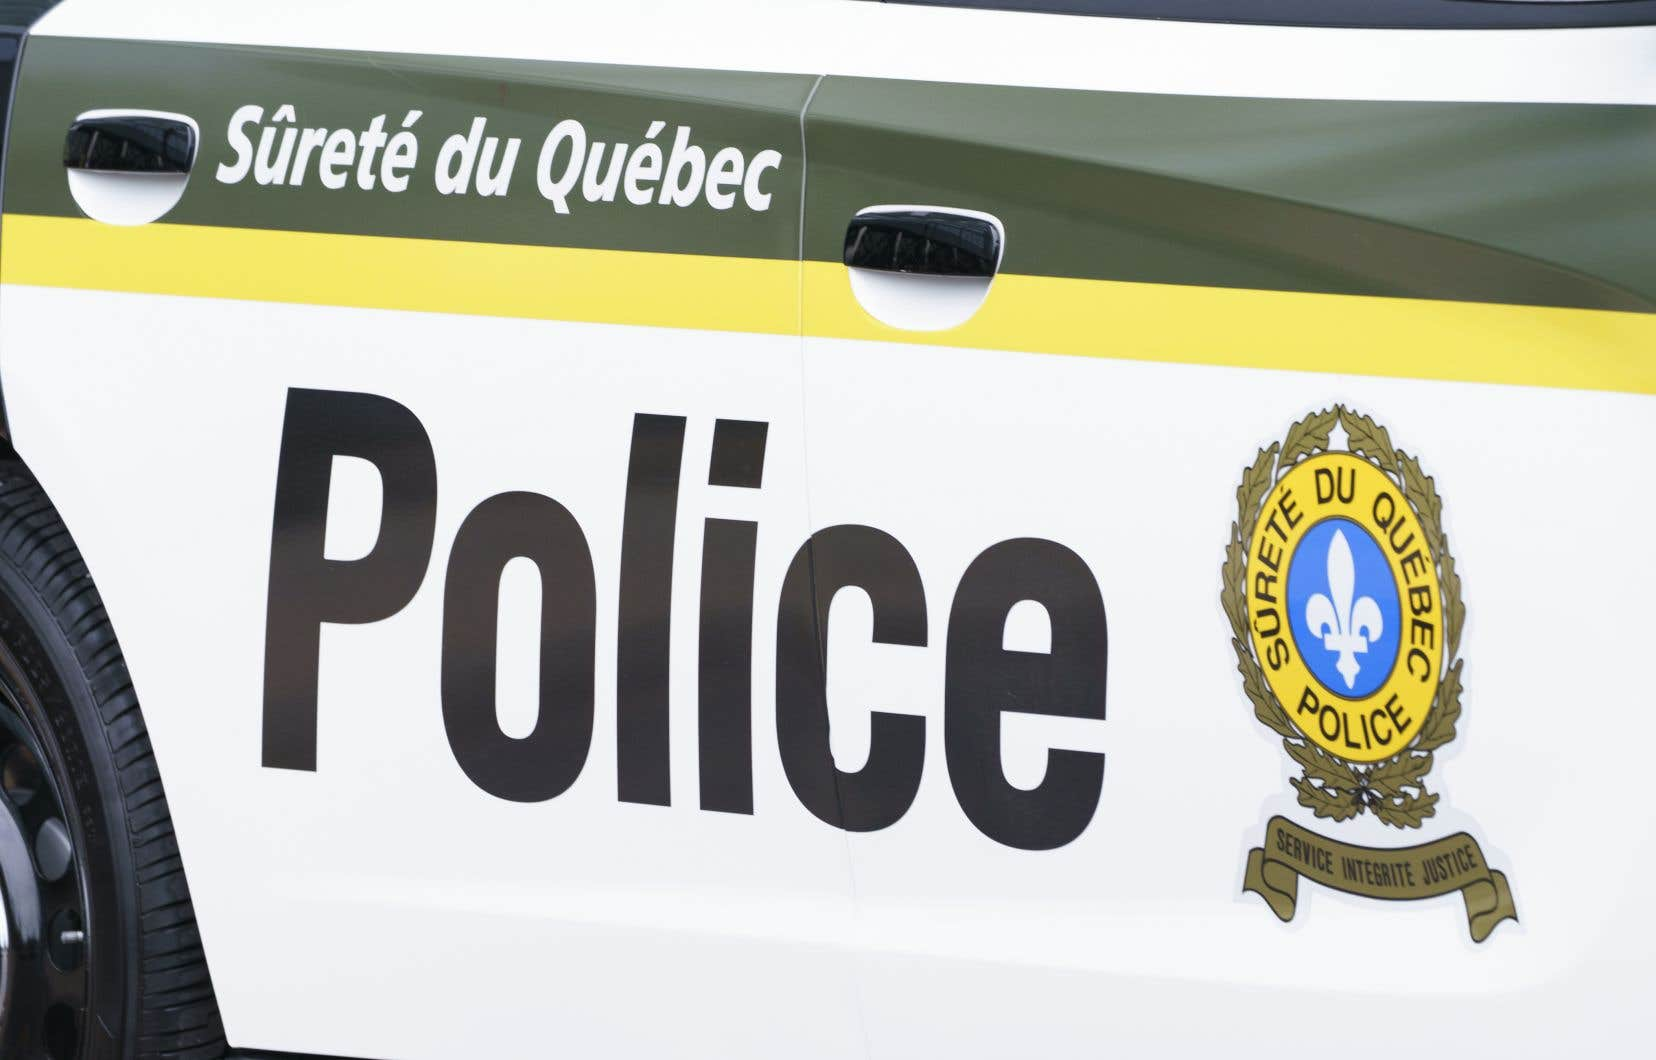 La semaine dernière, la Sûreté du Québec avait émis une alerte Amber qui est restée en vigueur pendant quatre jours après la disparition du jeune garçon.